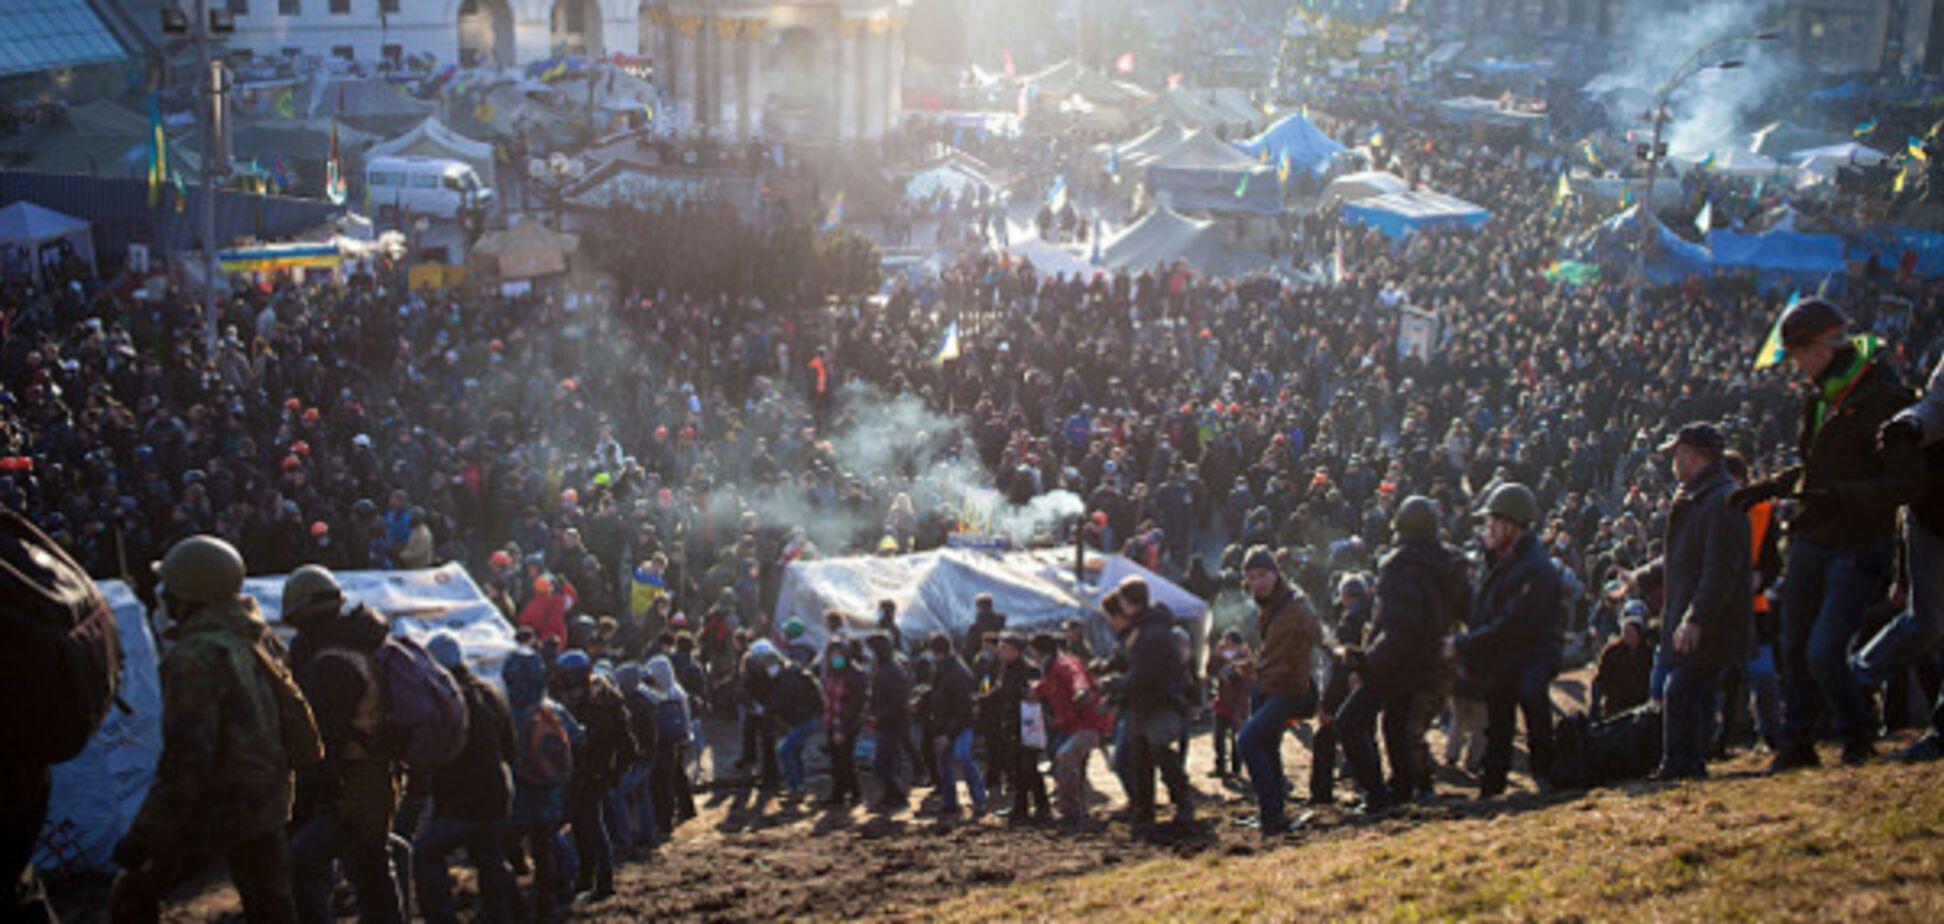 Евромайдан 18 февраля